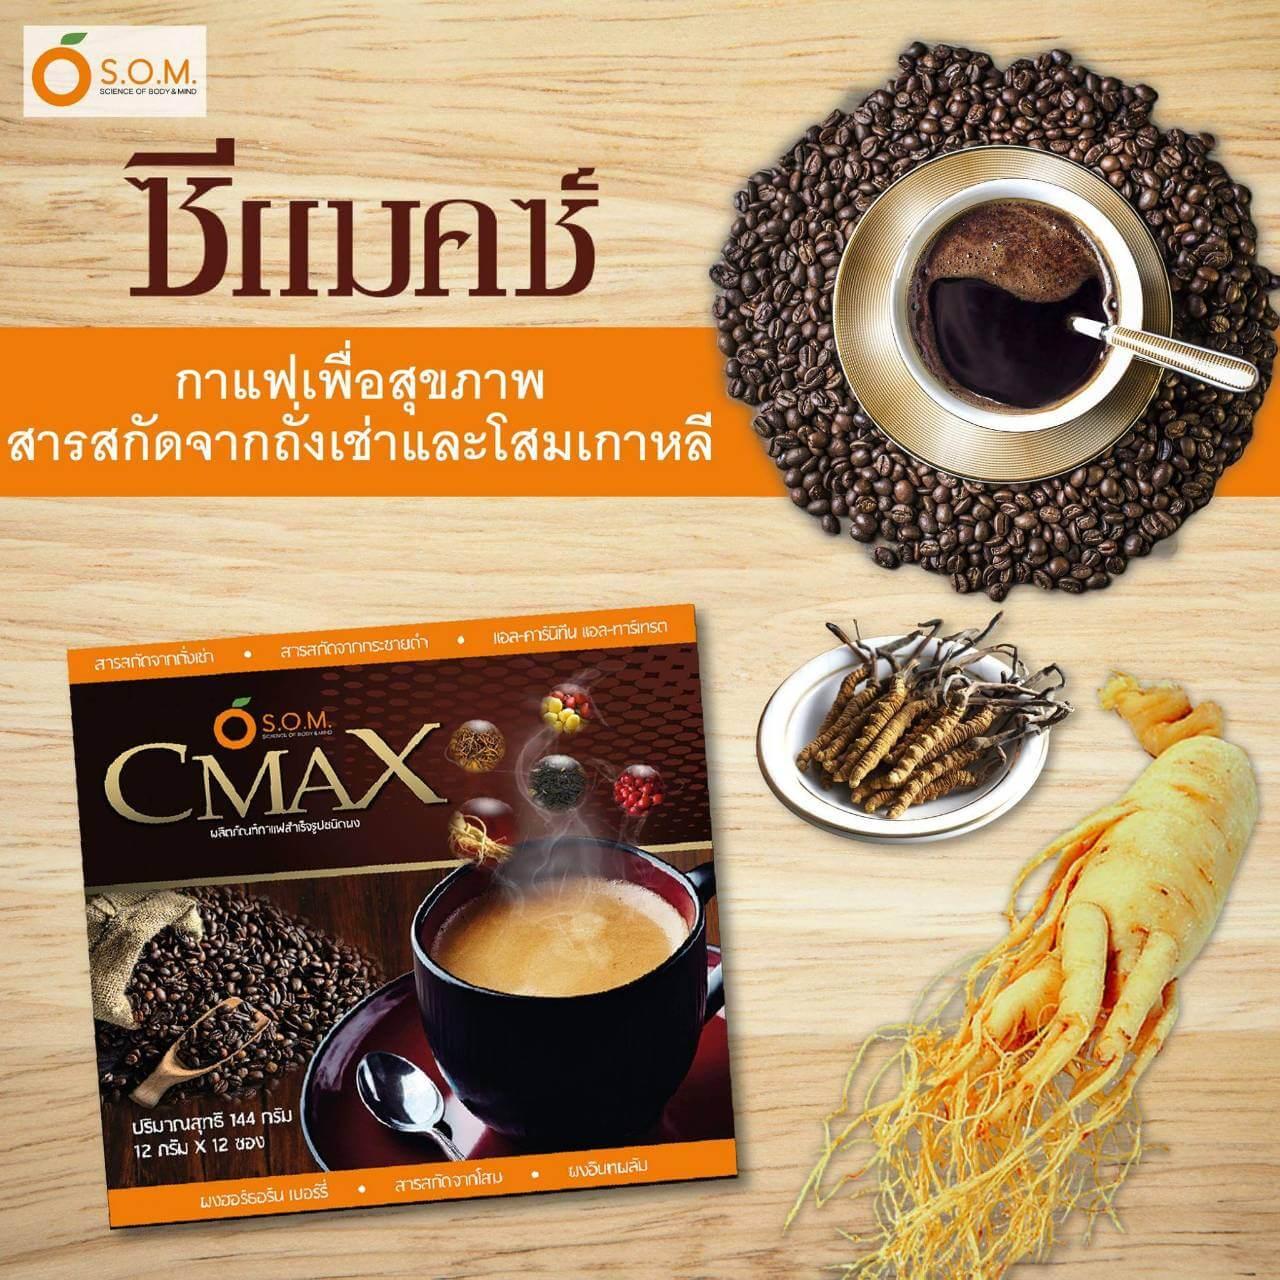 กาแฟถั่งเช่า, กาแฟ ช่อง8, กระชายดำ, กาแฟสมุนไพร